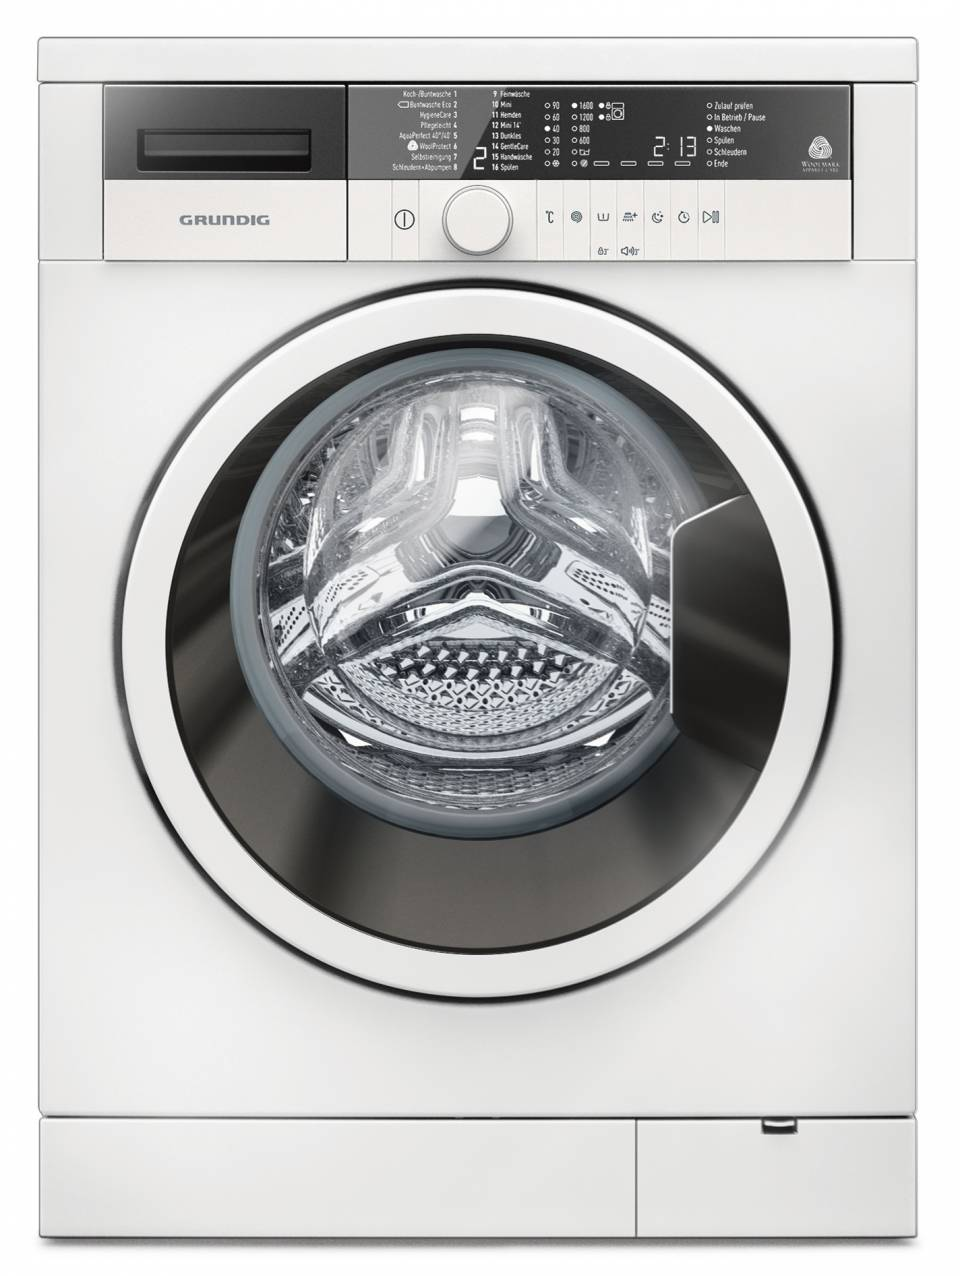 Grundig Waschmaschine GWN 36630 mit Schleuderdrehzahl 1600 U/min.